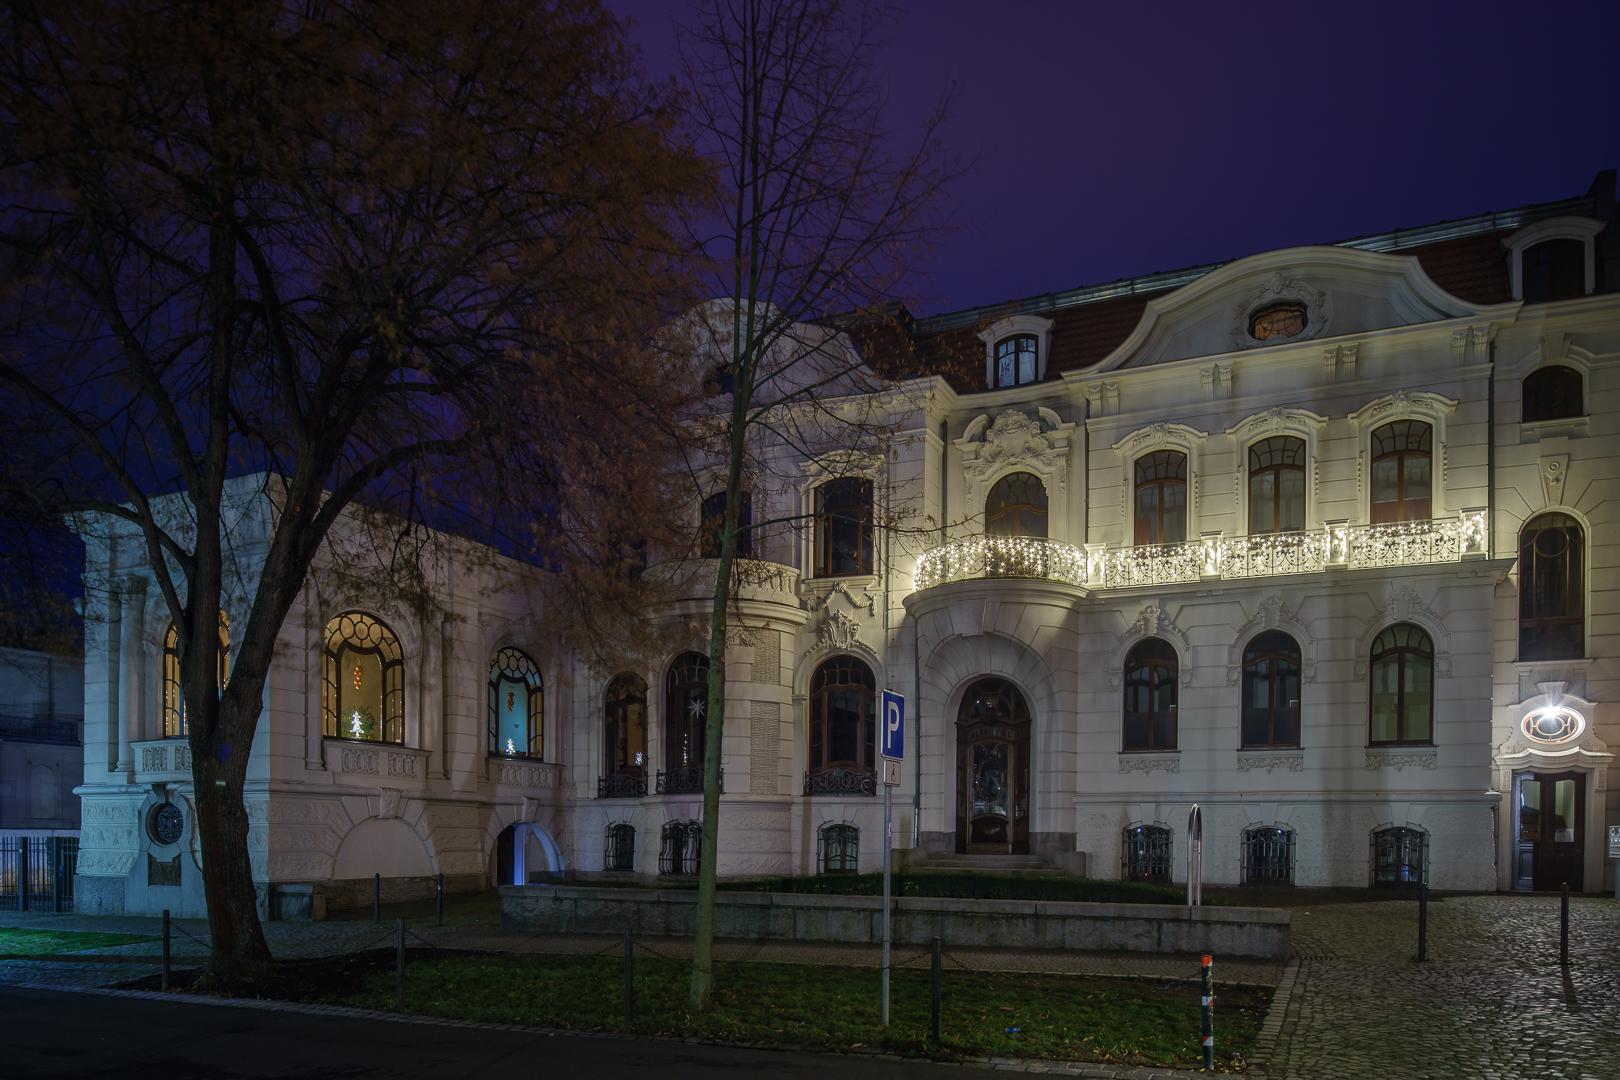 Aschersleben - Weiße Villa